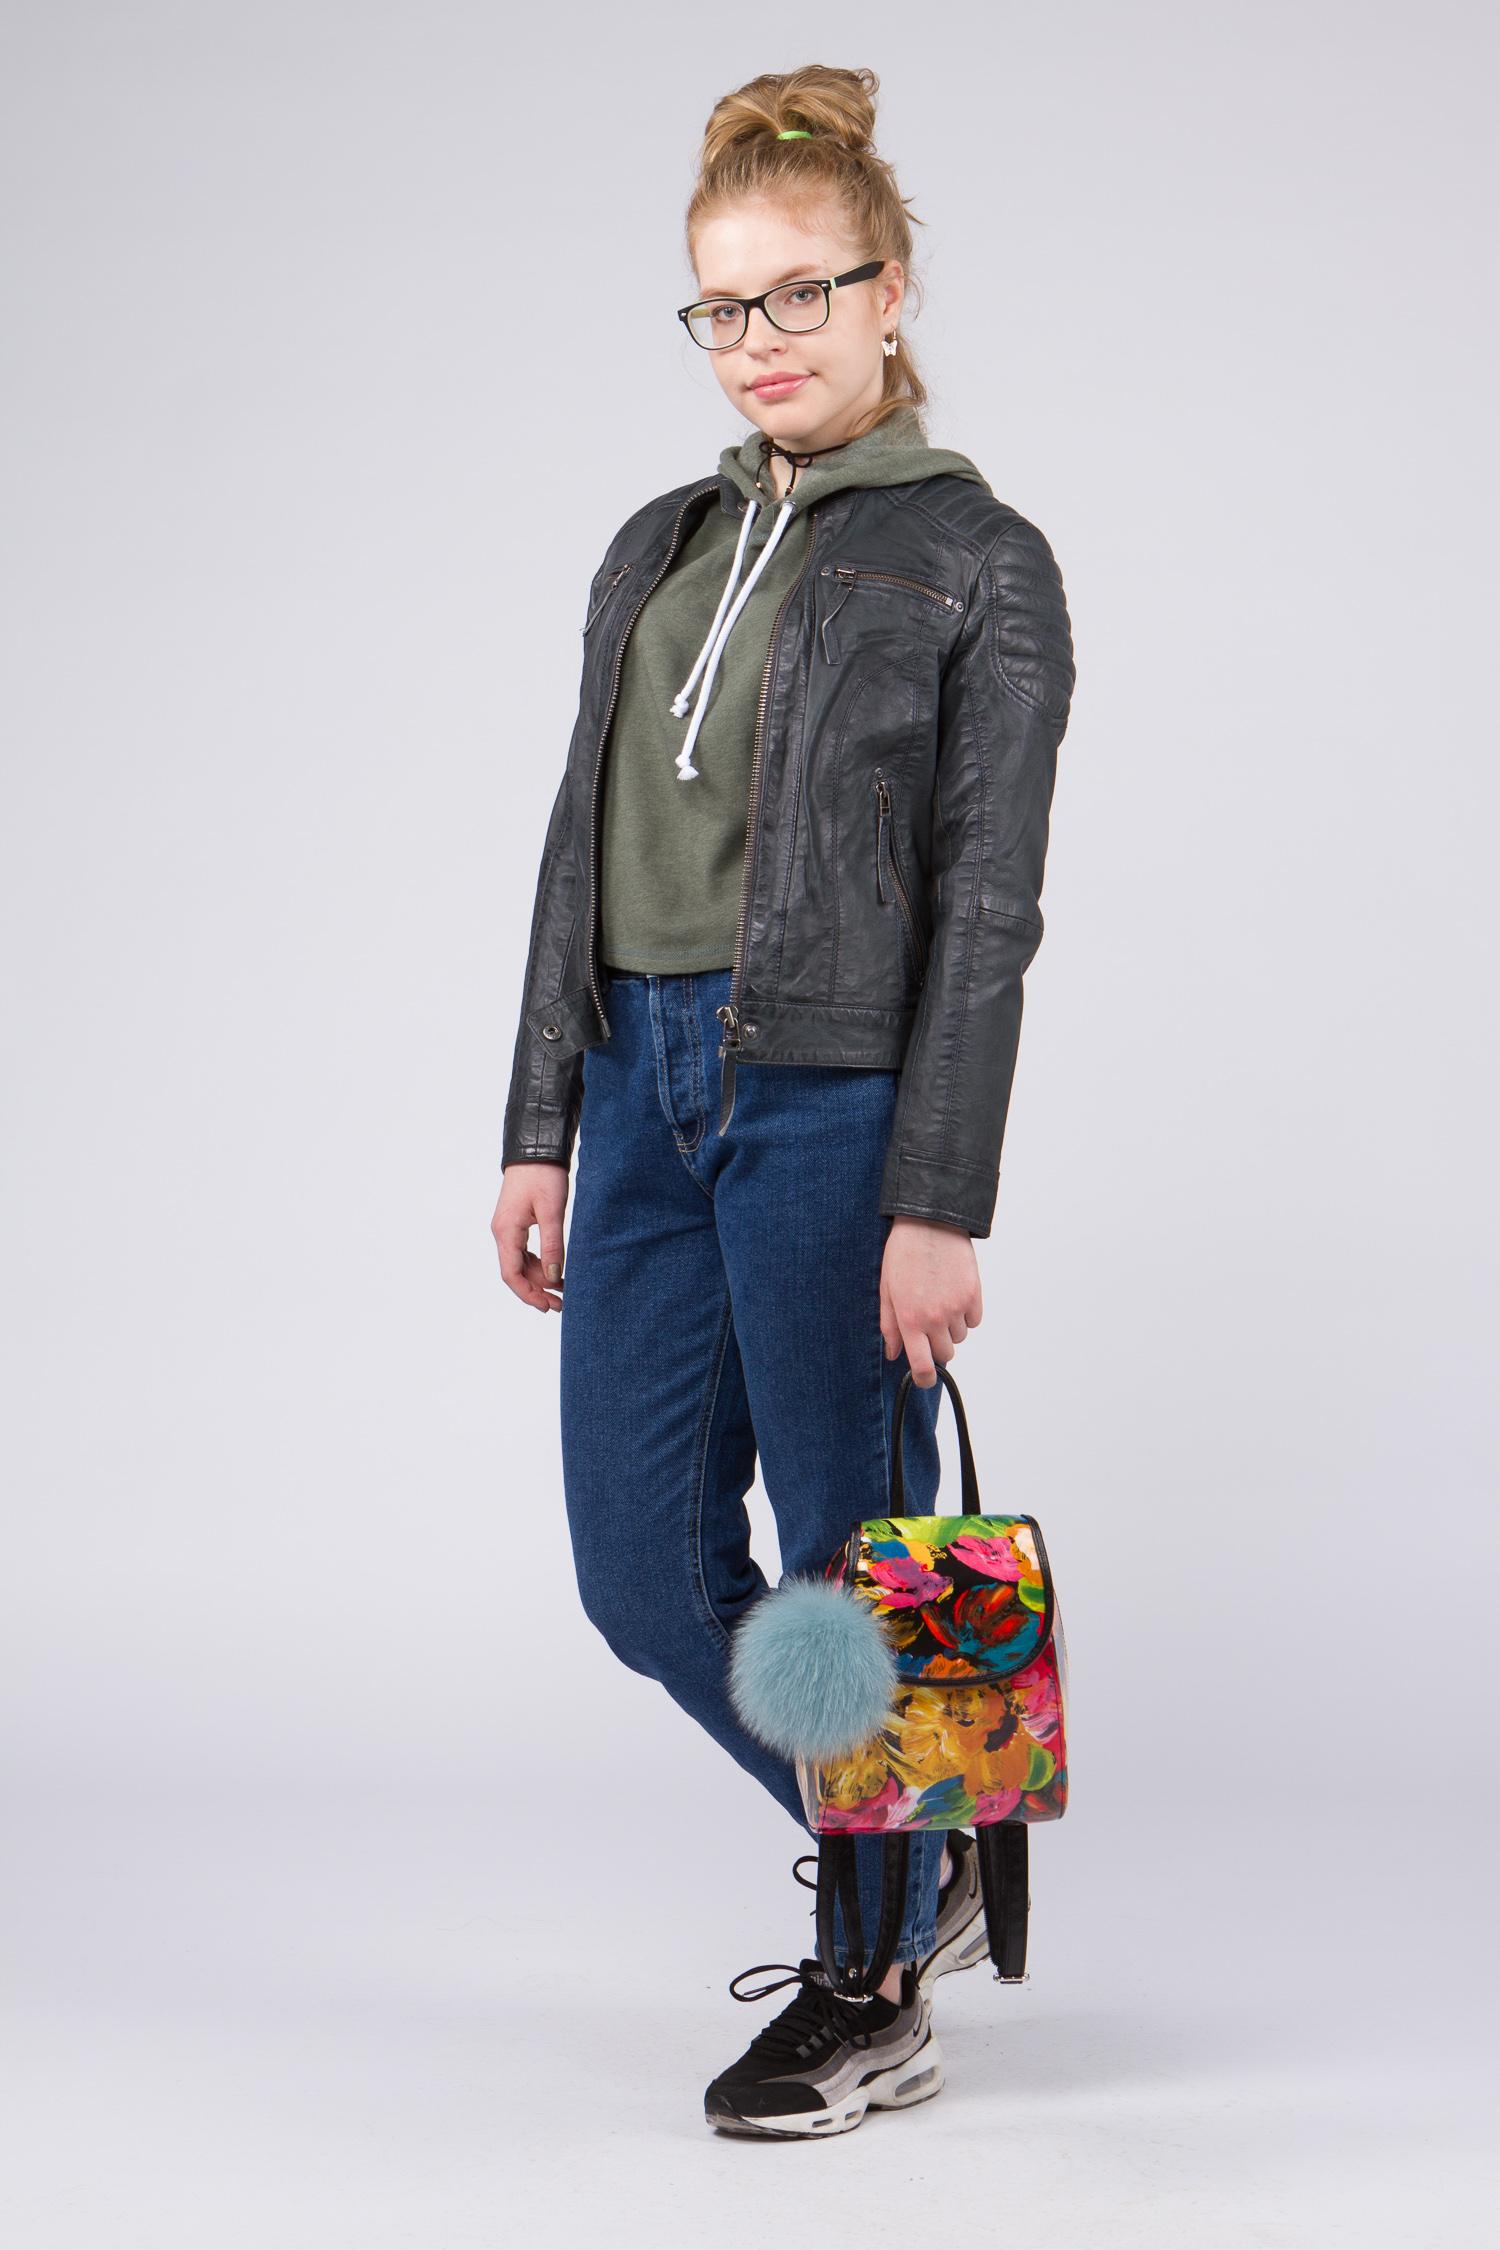 Женская кожаная куртка из натуральной кожи с воротником, без отделки<br><br>Воротник: стойка<br>Длина см: Ультра короткая (менее 50 )<br>Материал: Кожа овчина<br>Цвет: серый<br>Вид застежки: центральная<br>Застежка: на молнии<br>Пол: Женский<br>Размер RU: 52